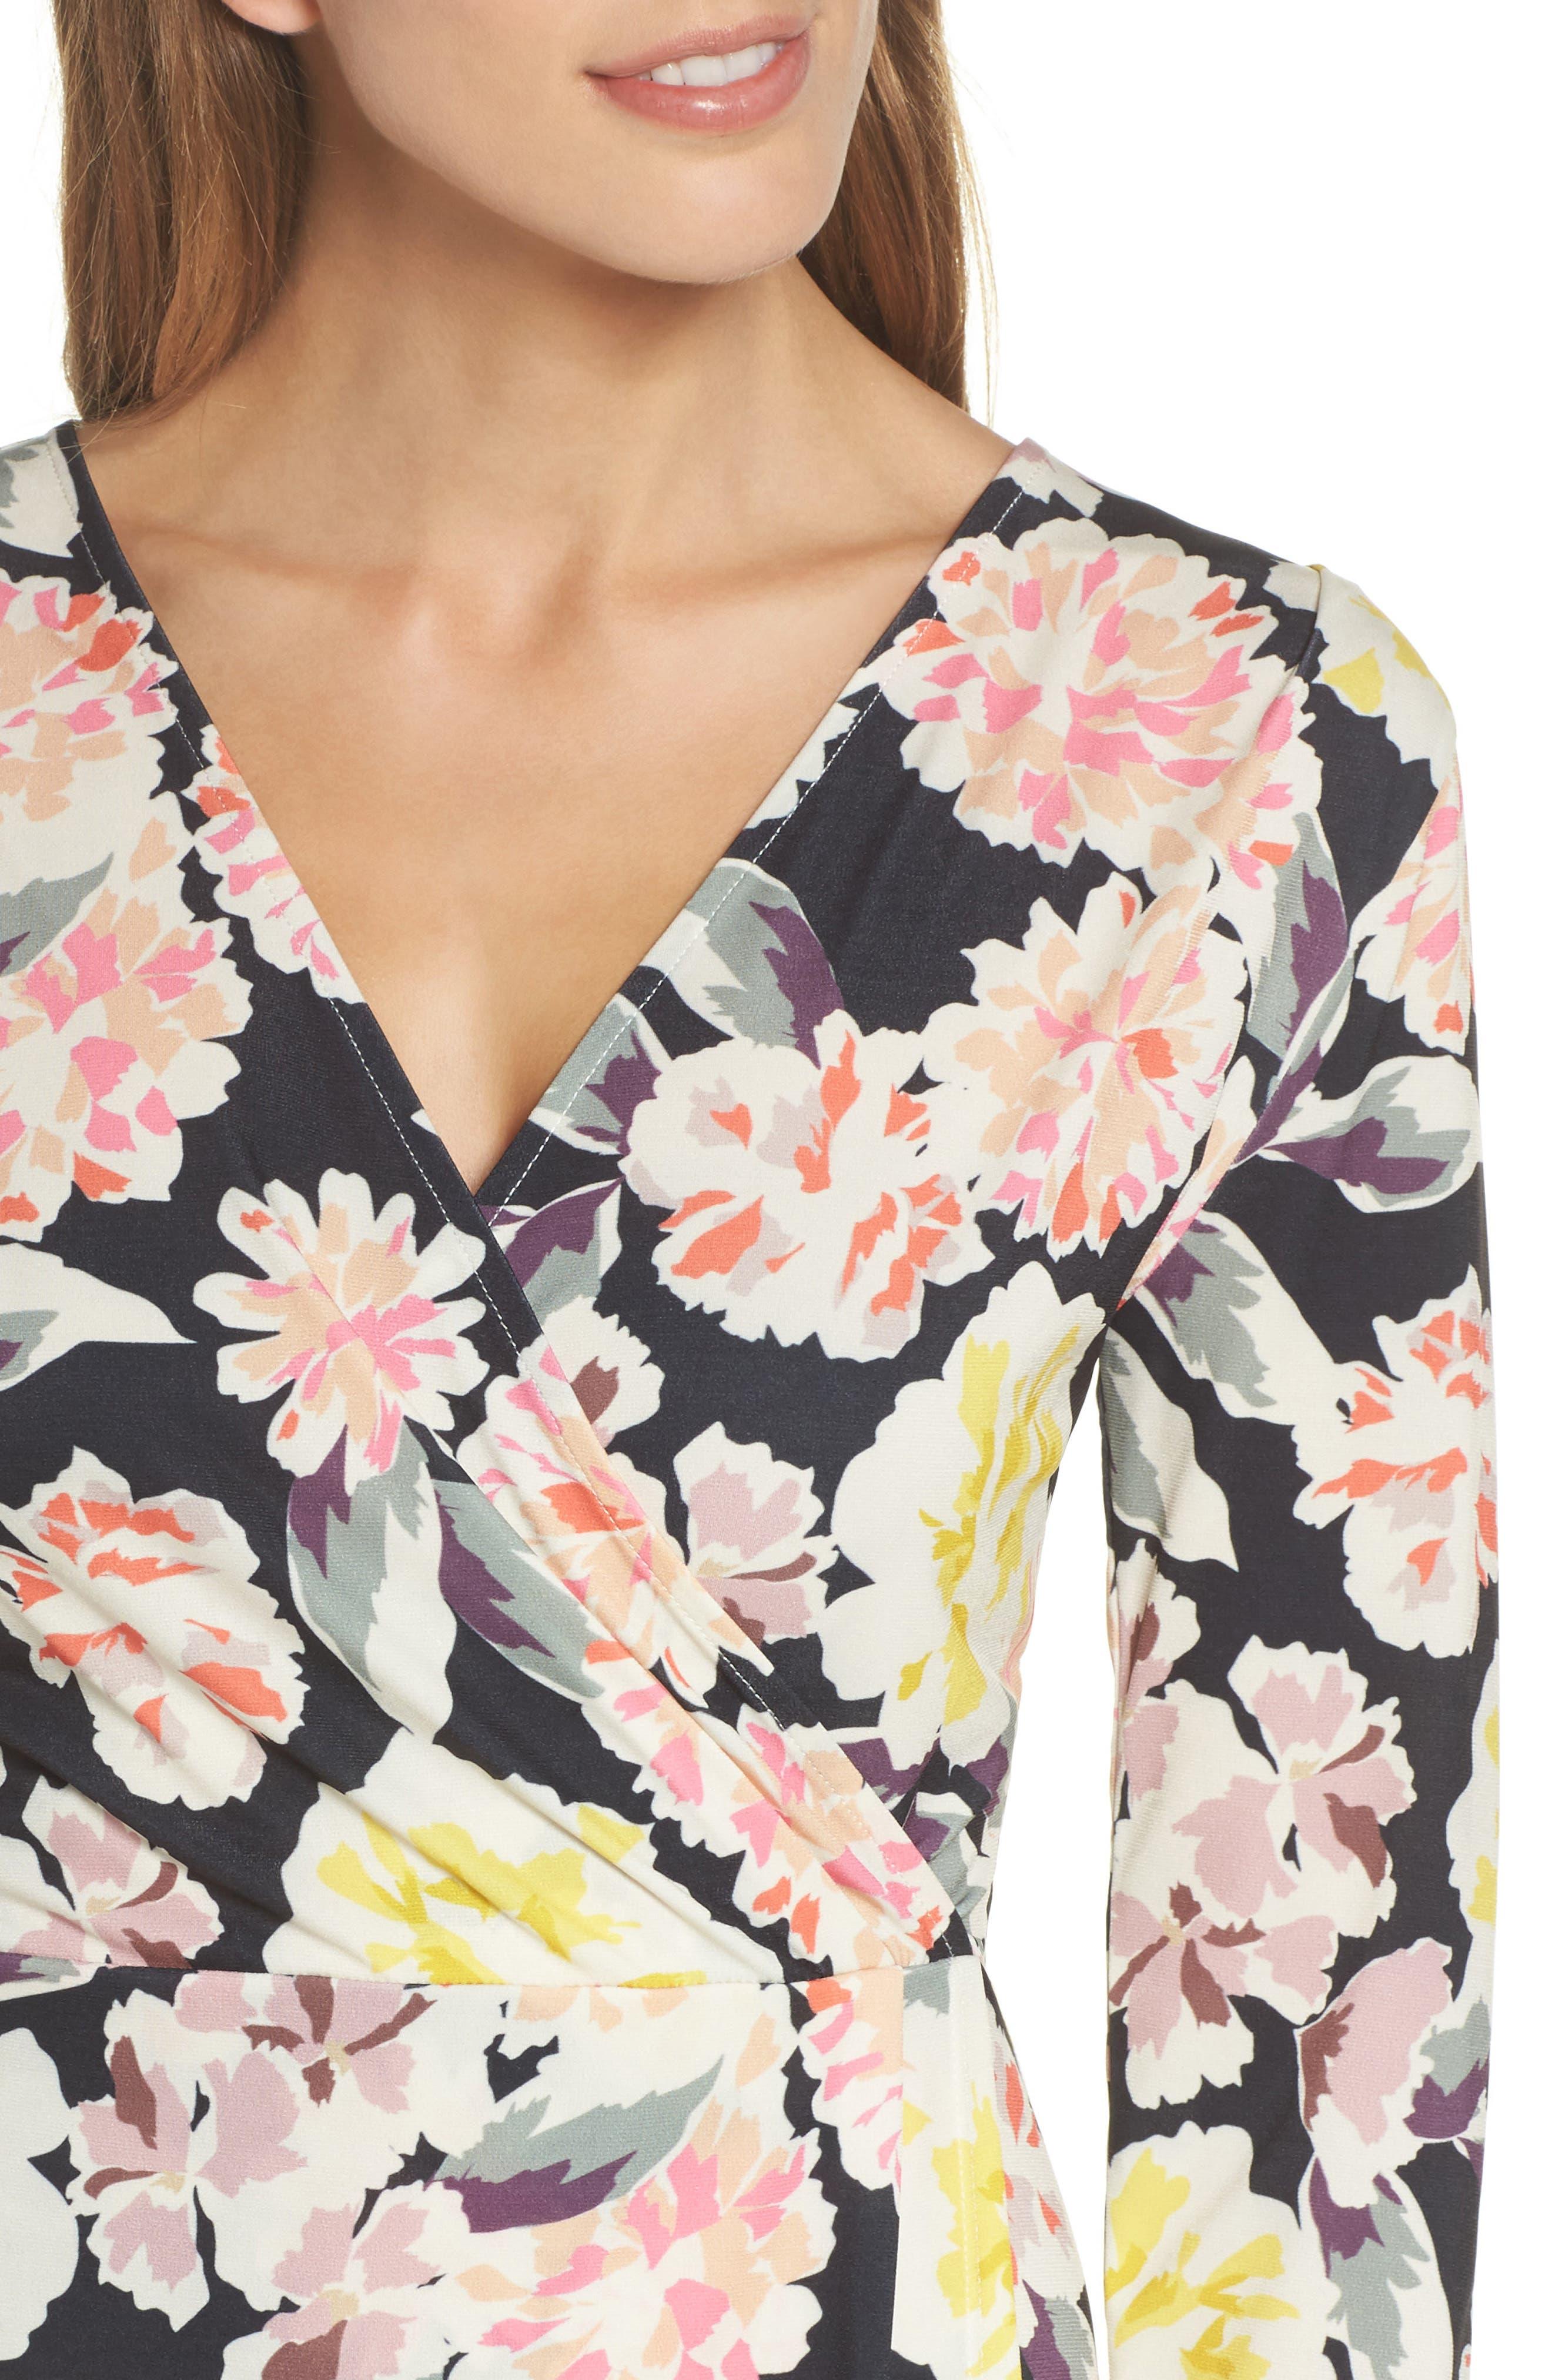 Enoshima Sheath Dress,                             Alternate thumbnail 4, color,                             Black Multi